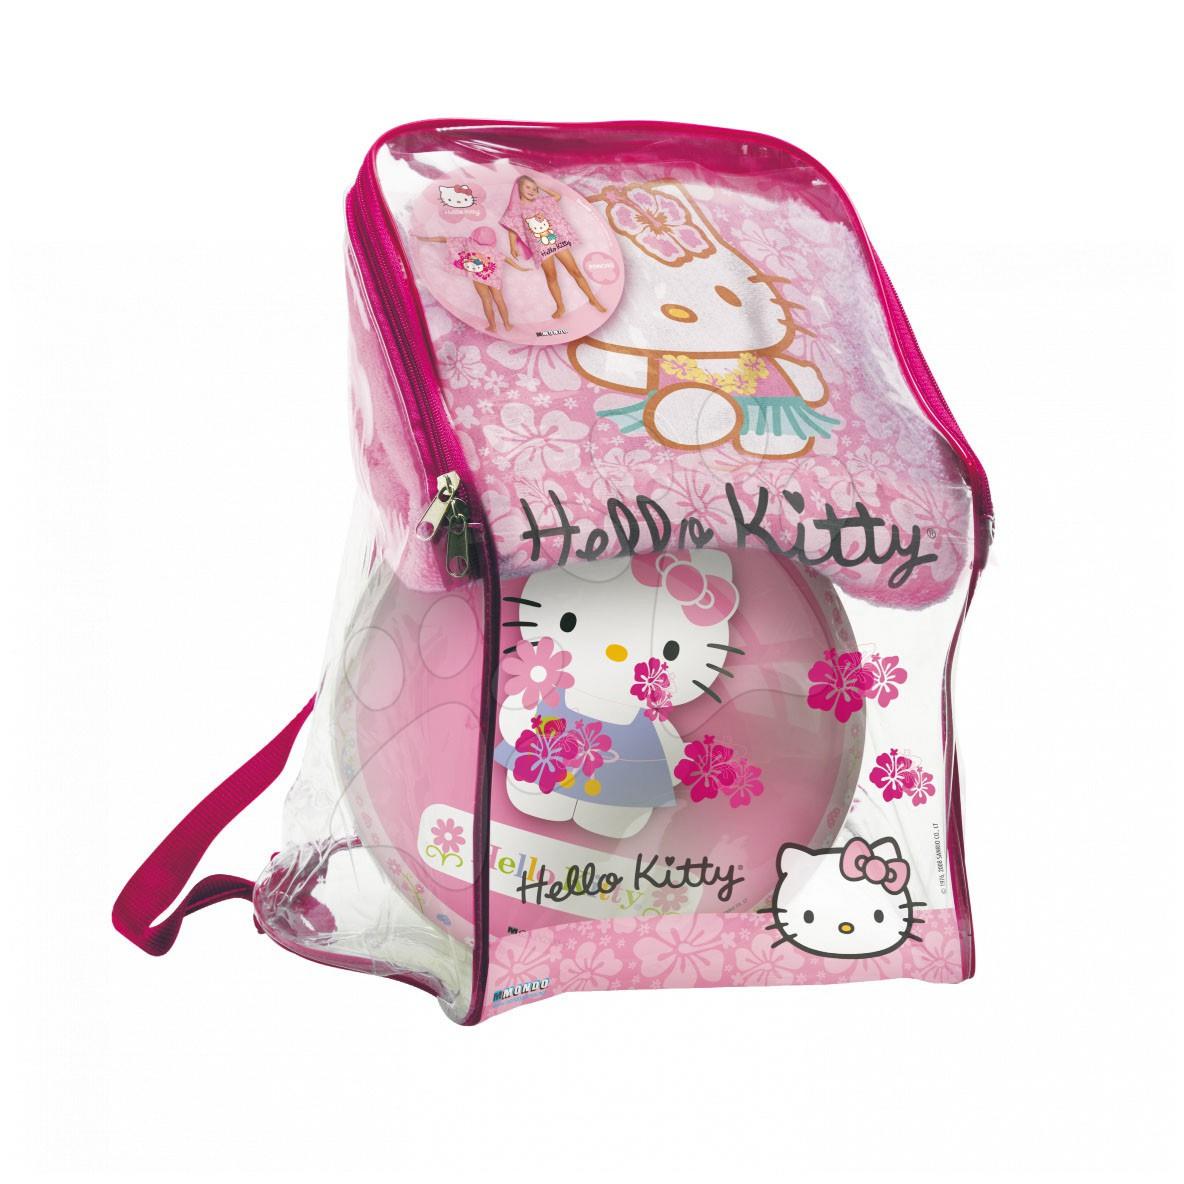 Brisača-pončo in žoga Hello Kitty Mondo v nahrbtniku